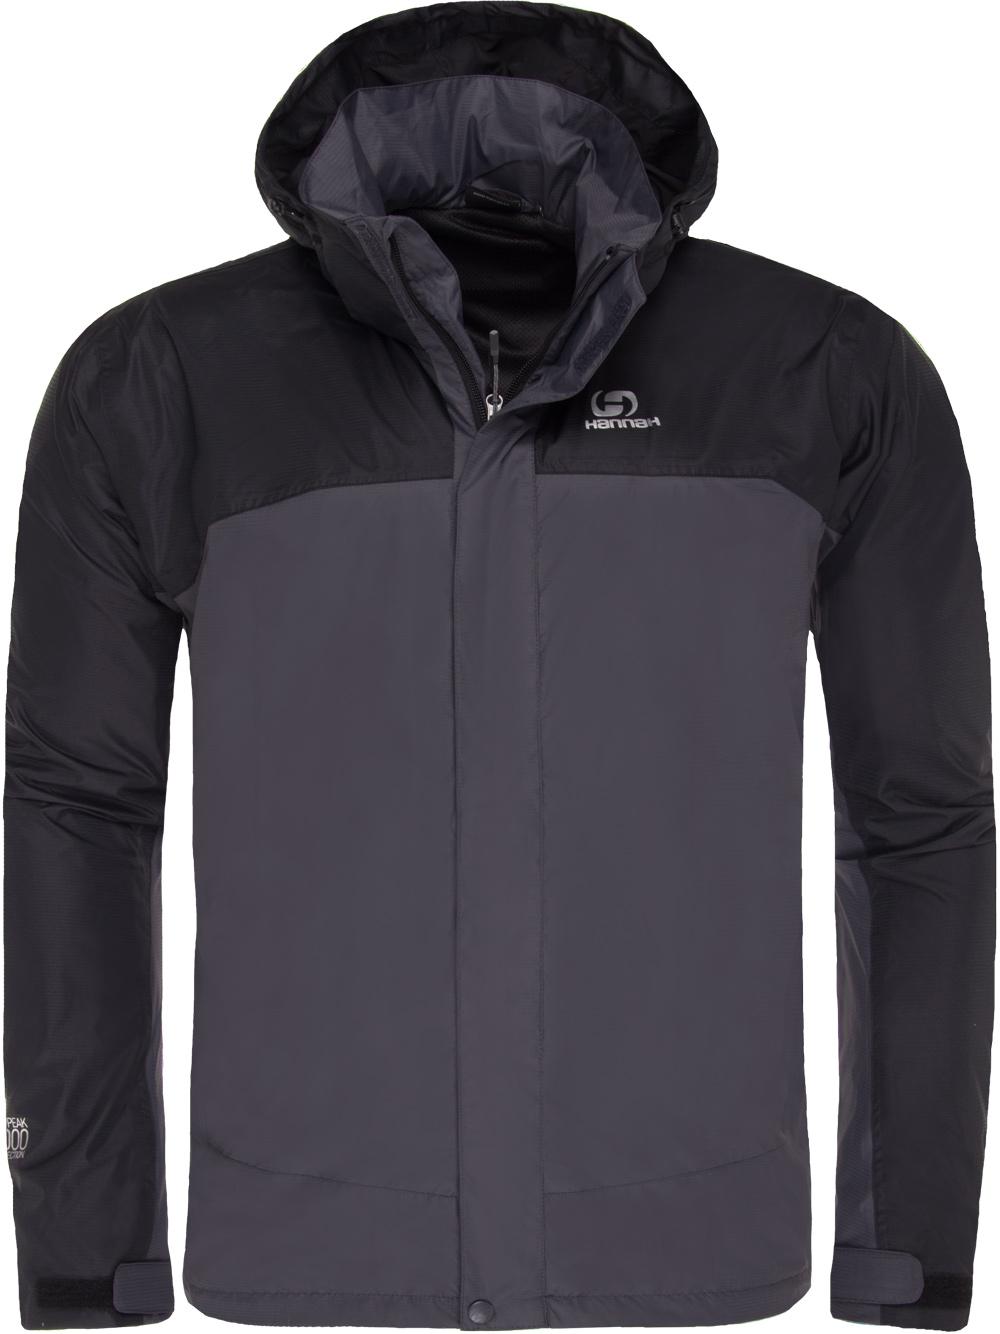 Men's jacket HANNAH Marvin